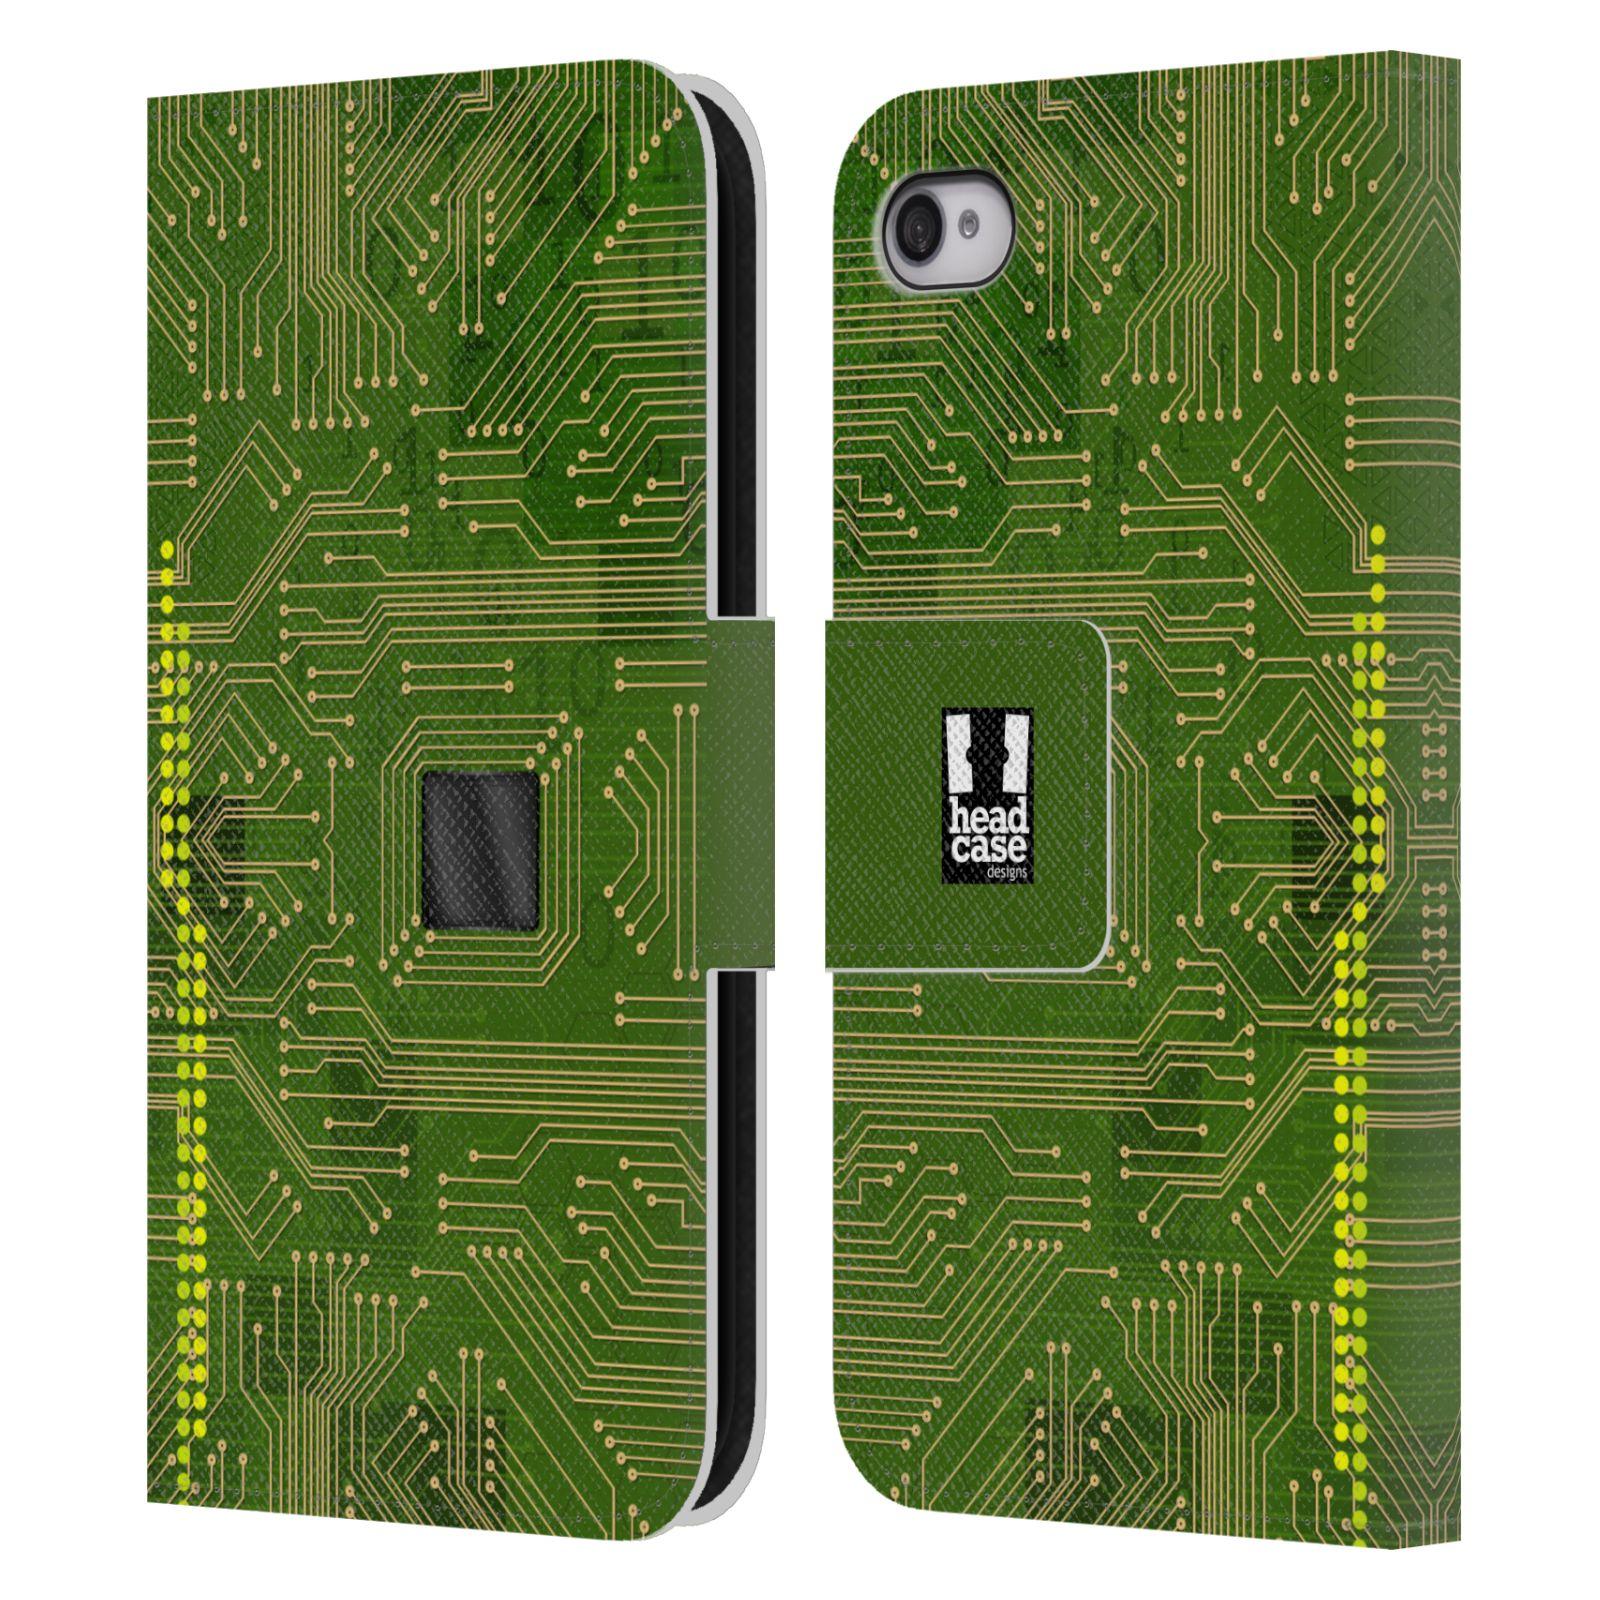 HEAD CASE Flipové pouzdro pro mobil Apple Iphone 4/4s počítač základní deska zelená barva